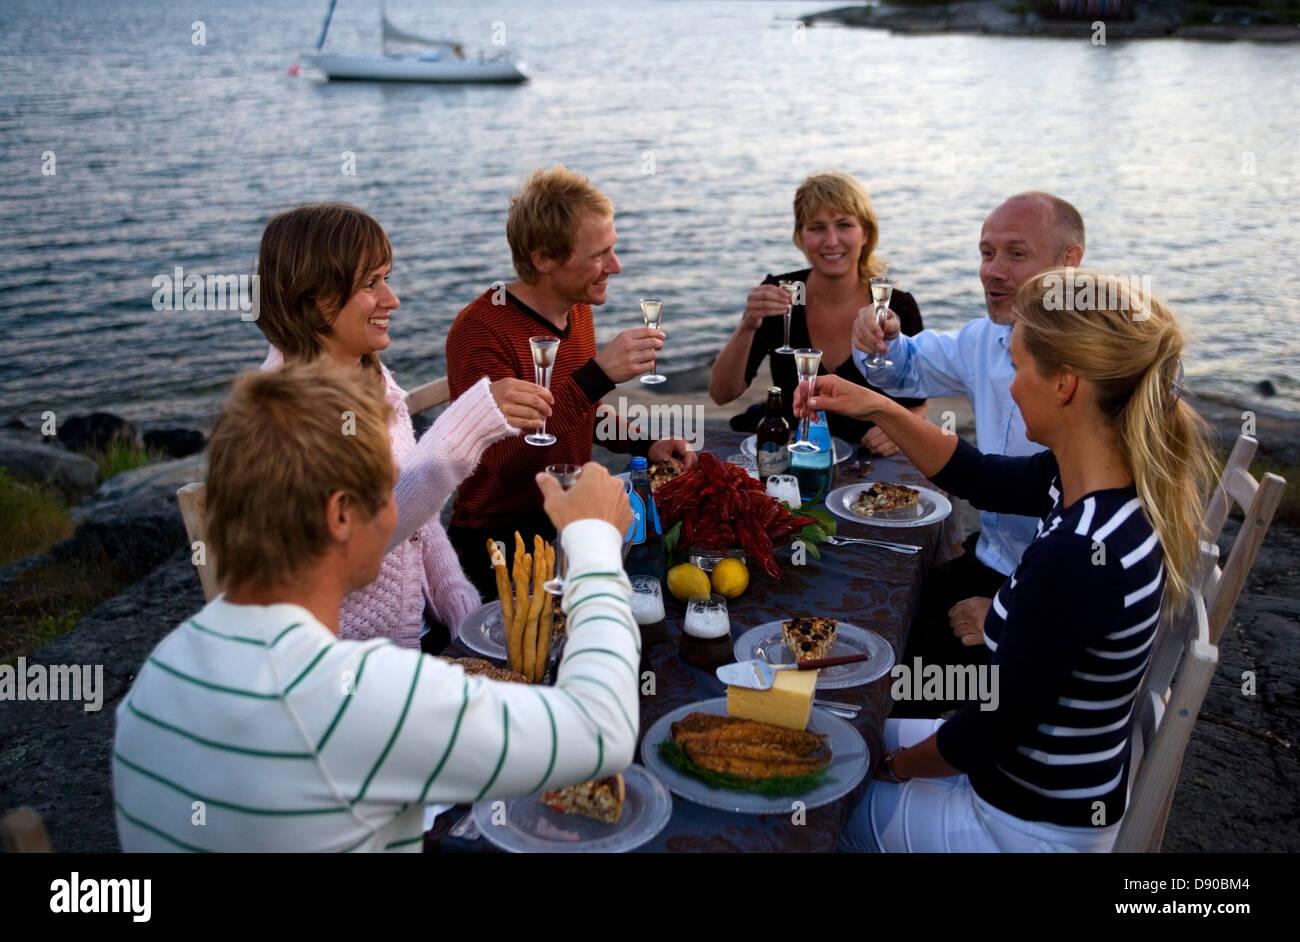 Party des écrevisses, Fejan, archipel de Stockholm, Suède. Banque D'Images